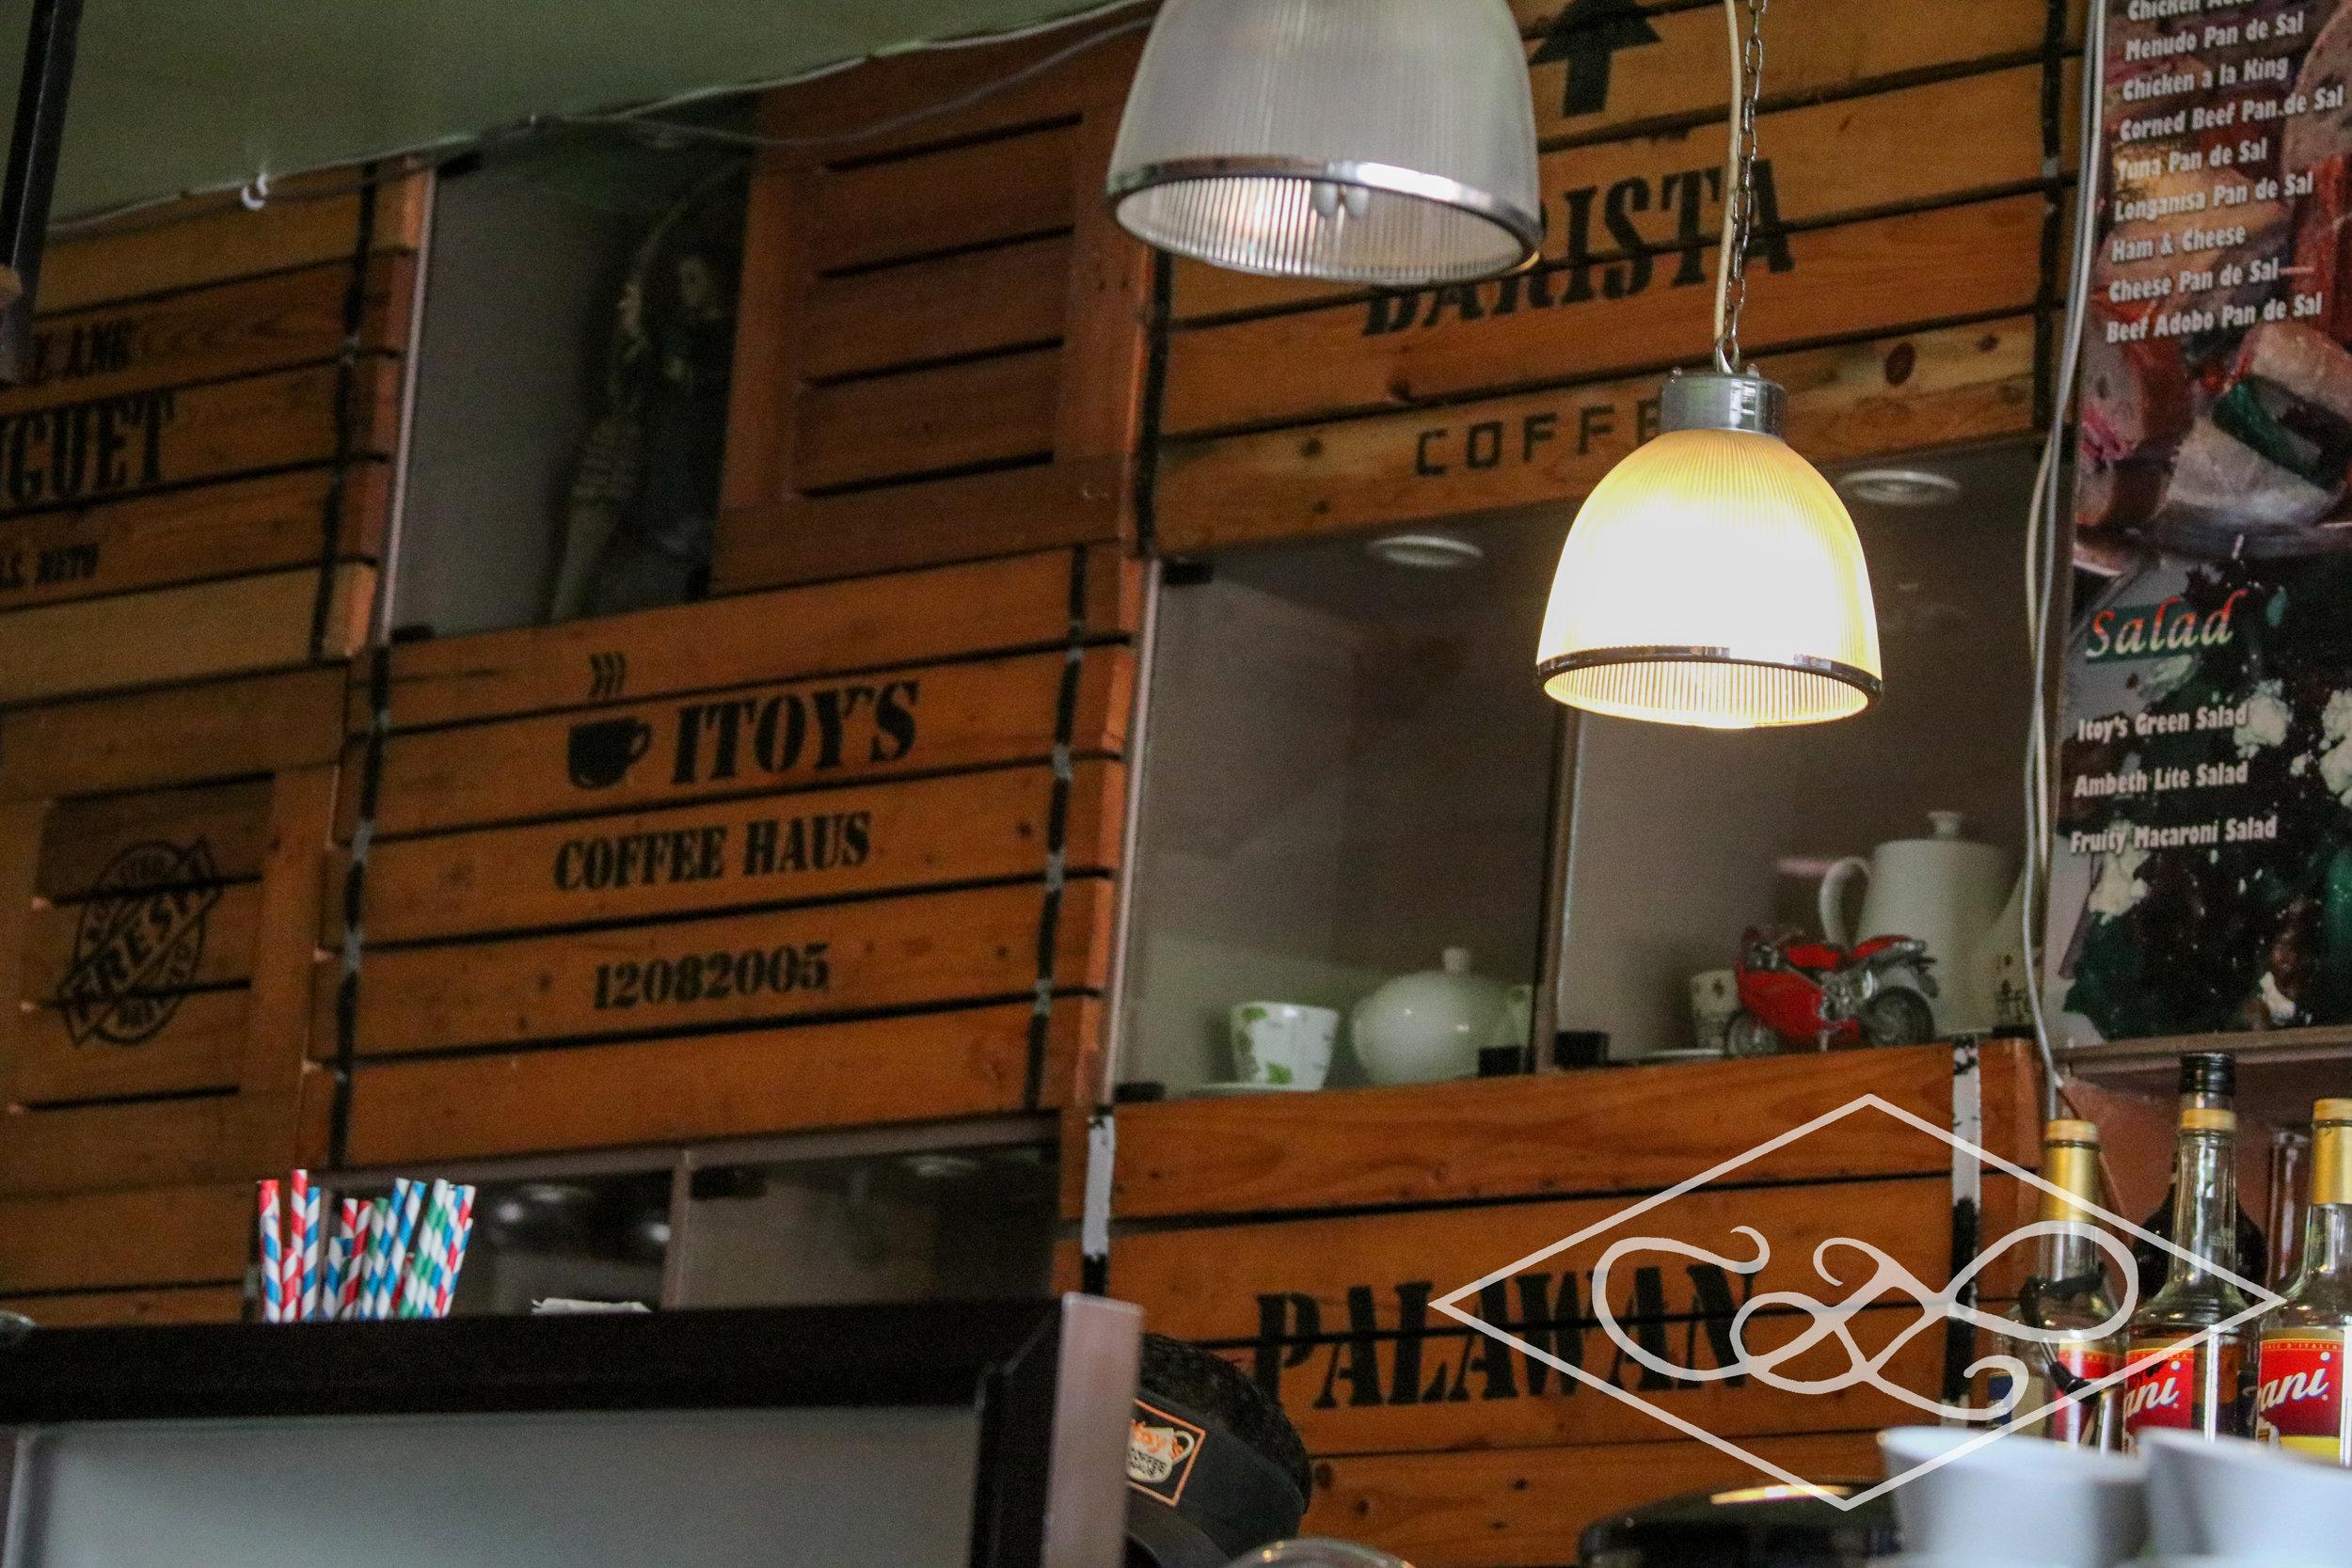 Itoys Coffee Haus